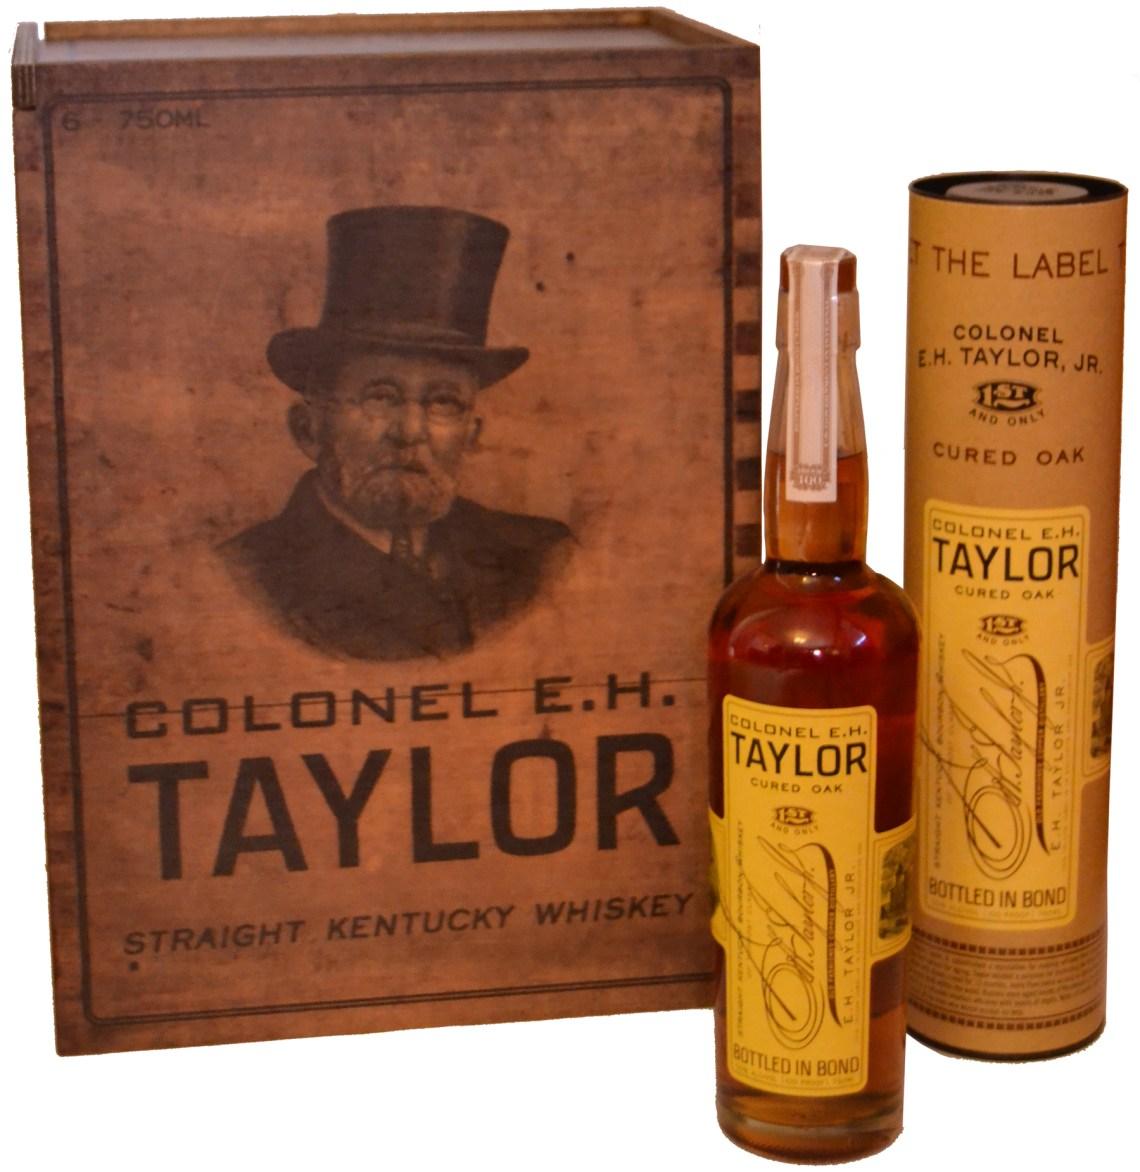 Col. E.H. Taylor Cured Oak Bourbon